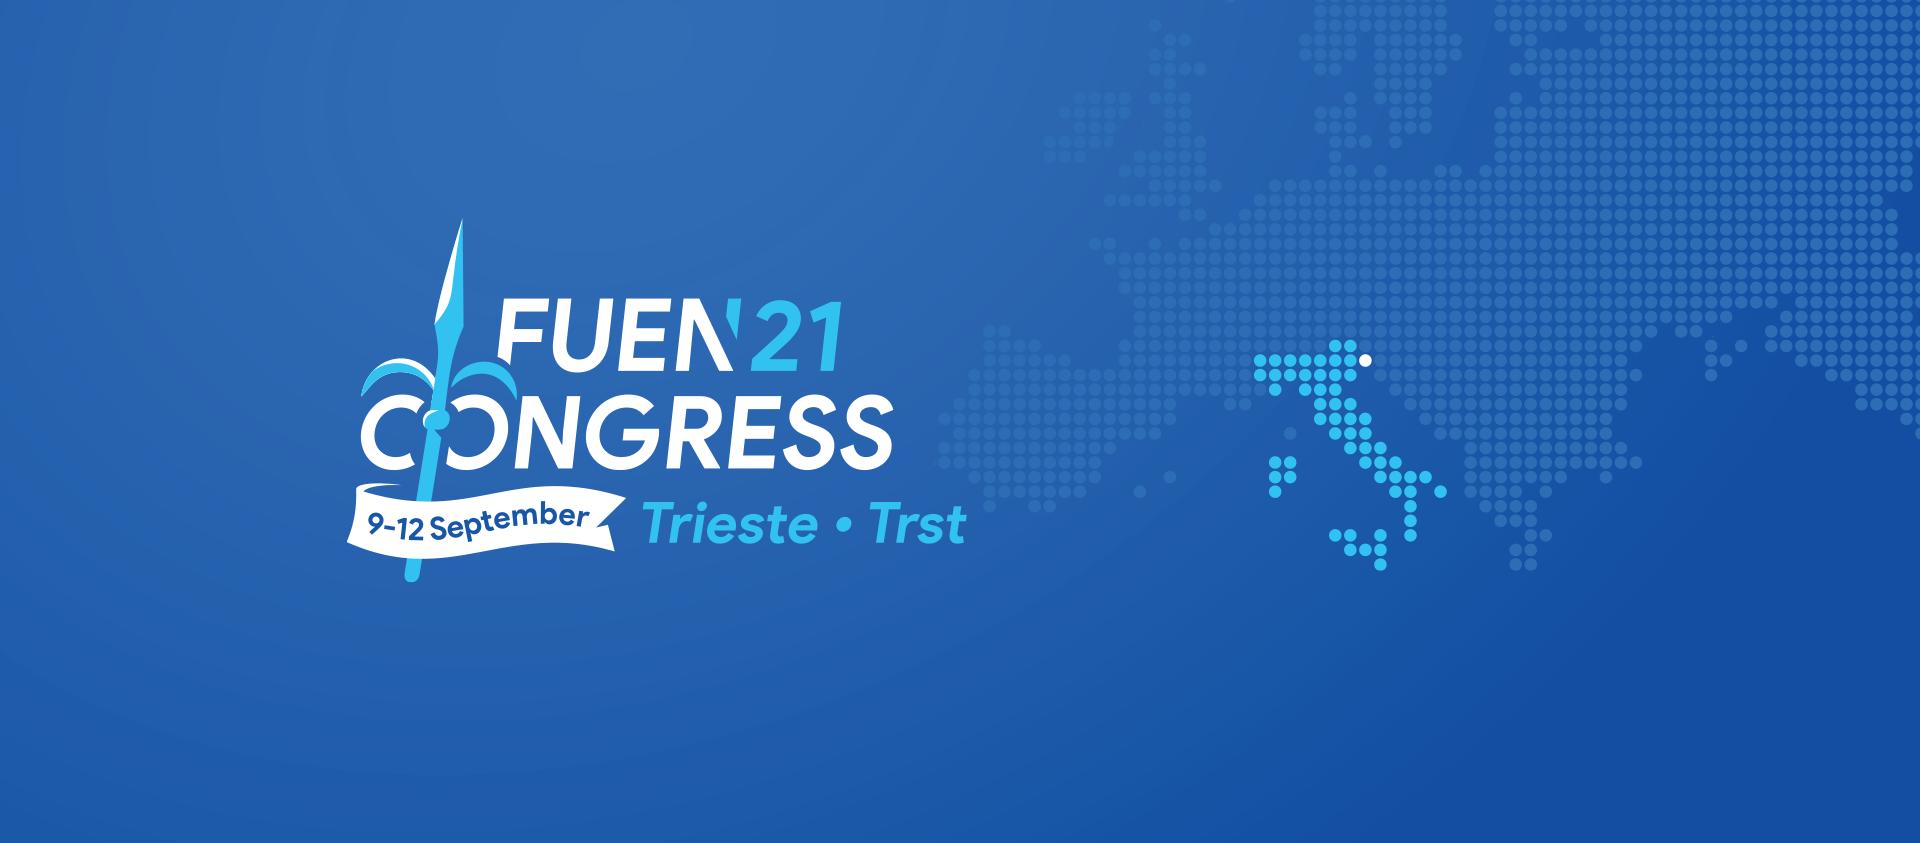 FUEN-Jahreskongress 2021 in Triest/ Trst